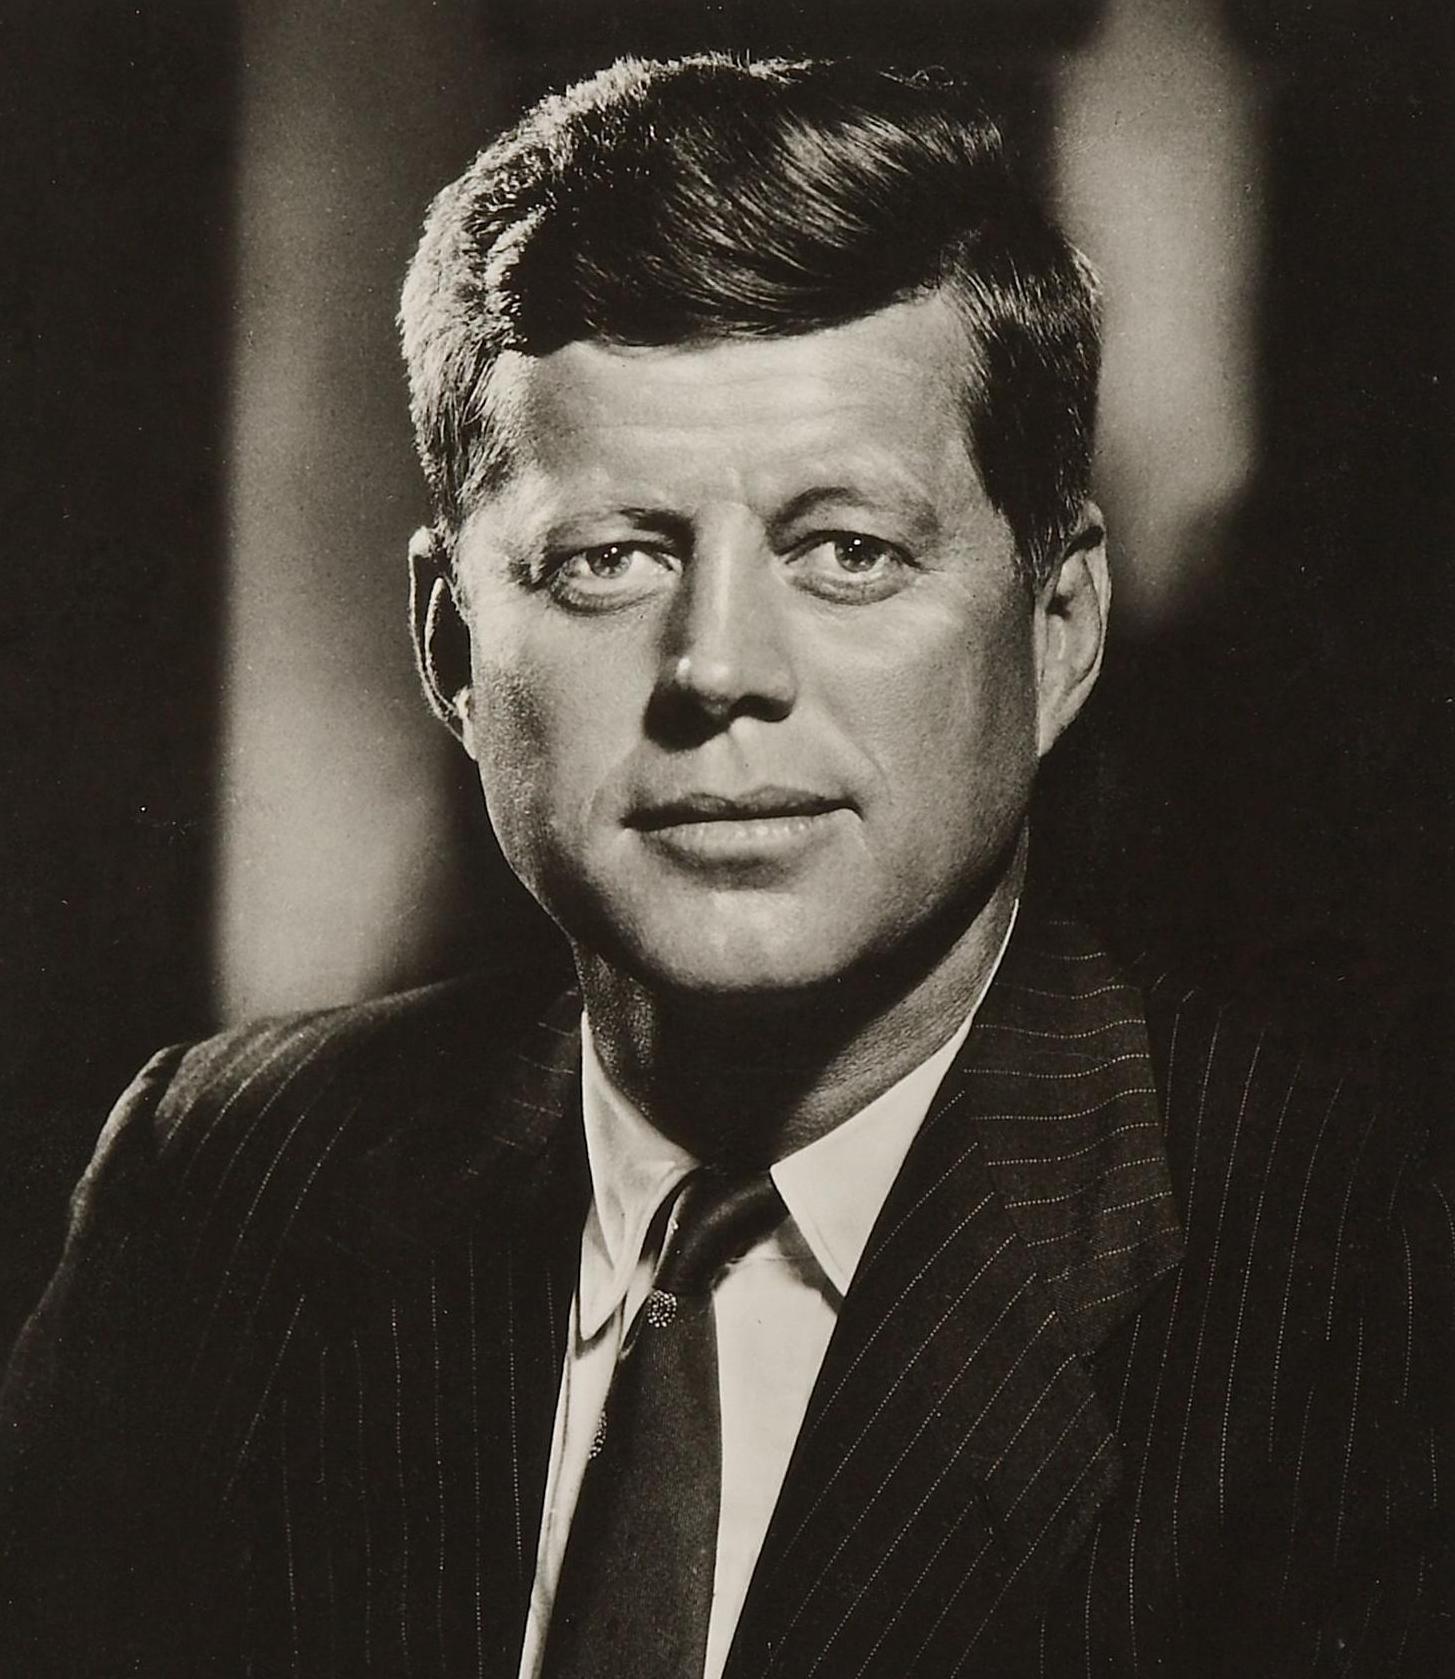 kennedy as a successful president essay